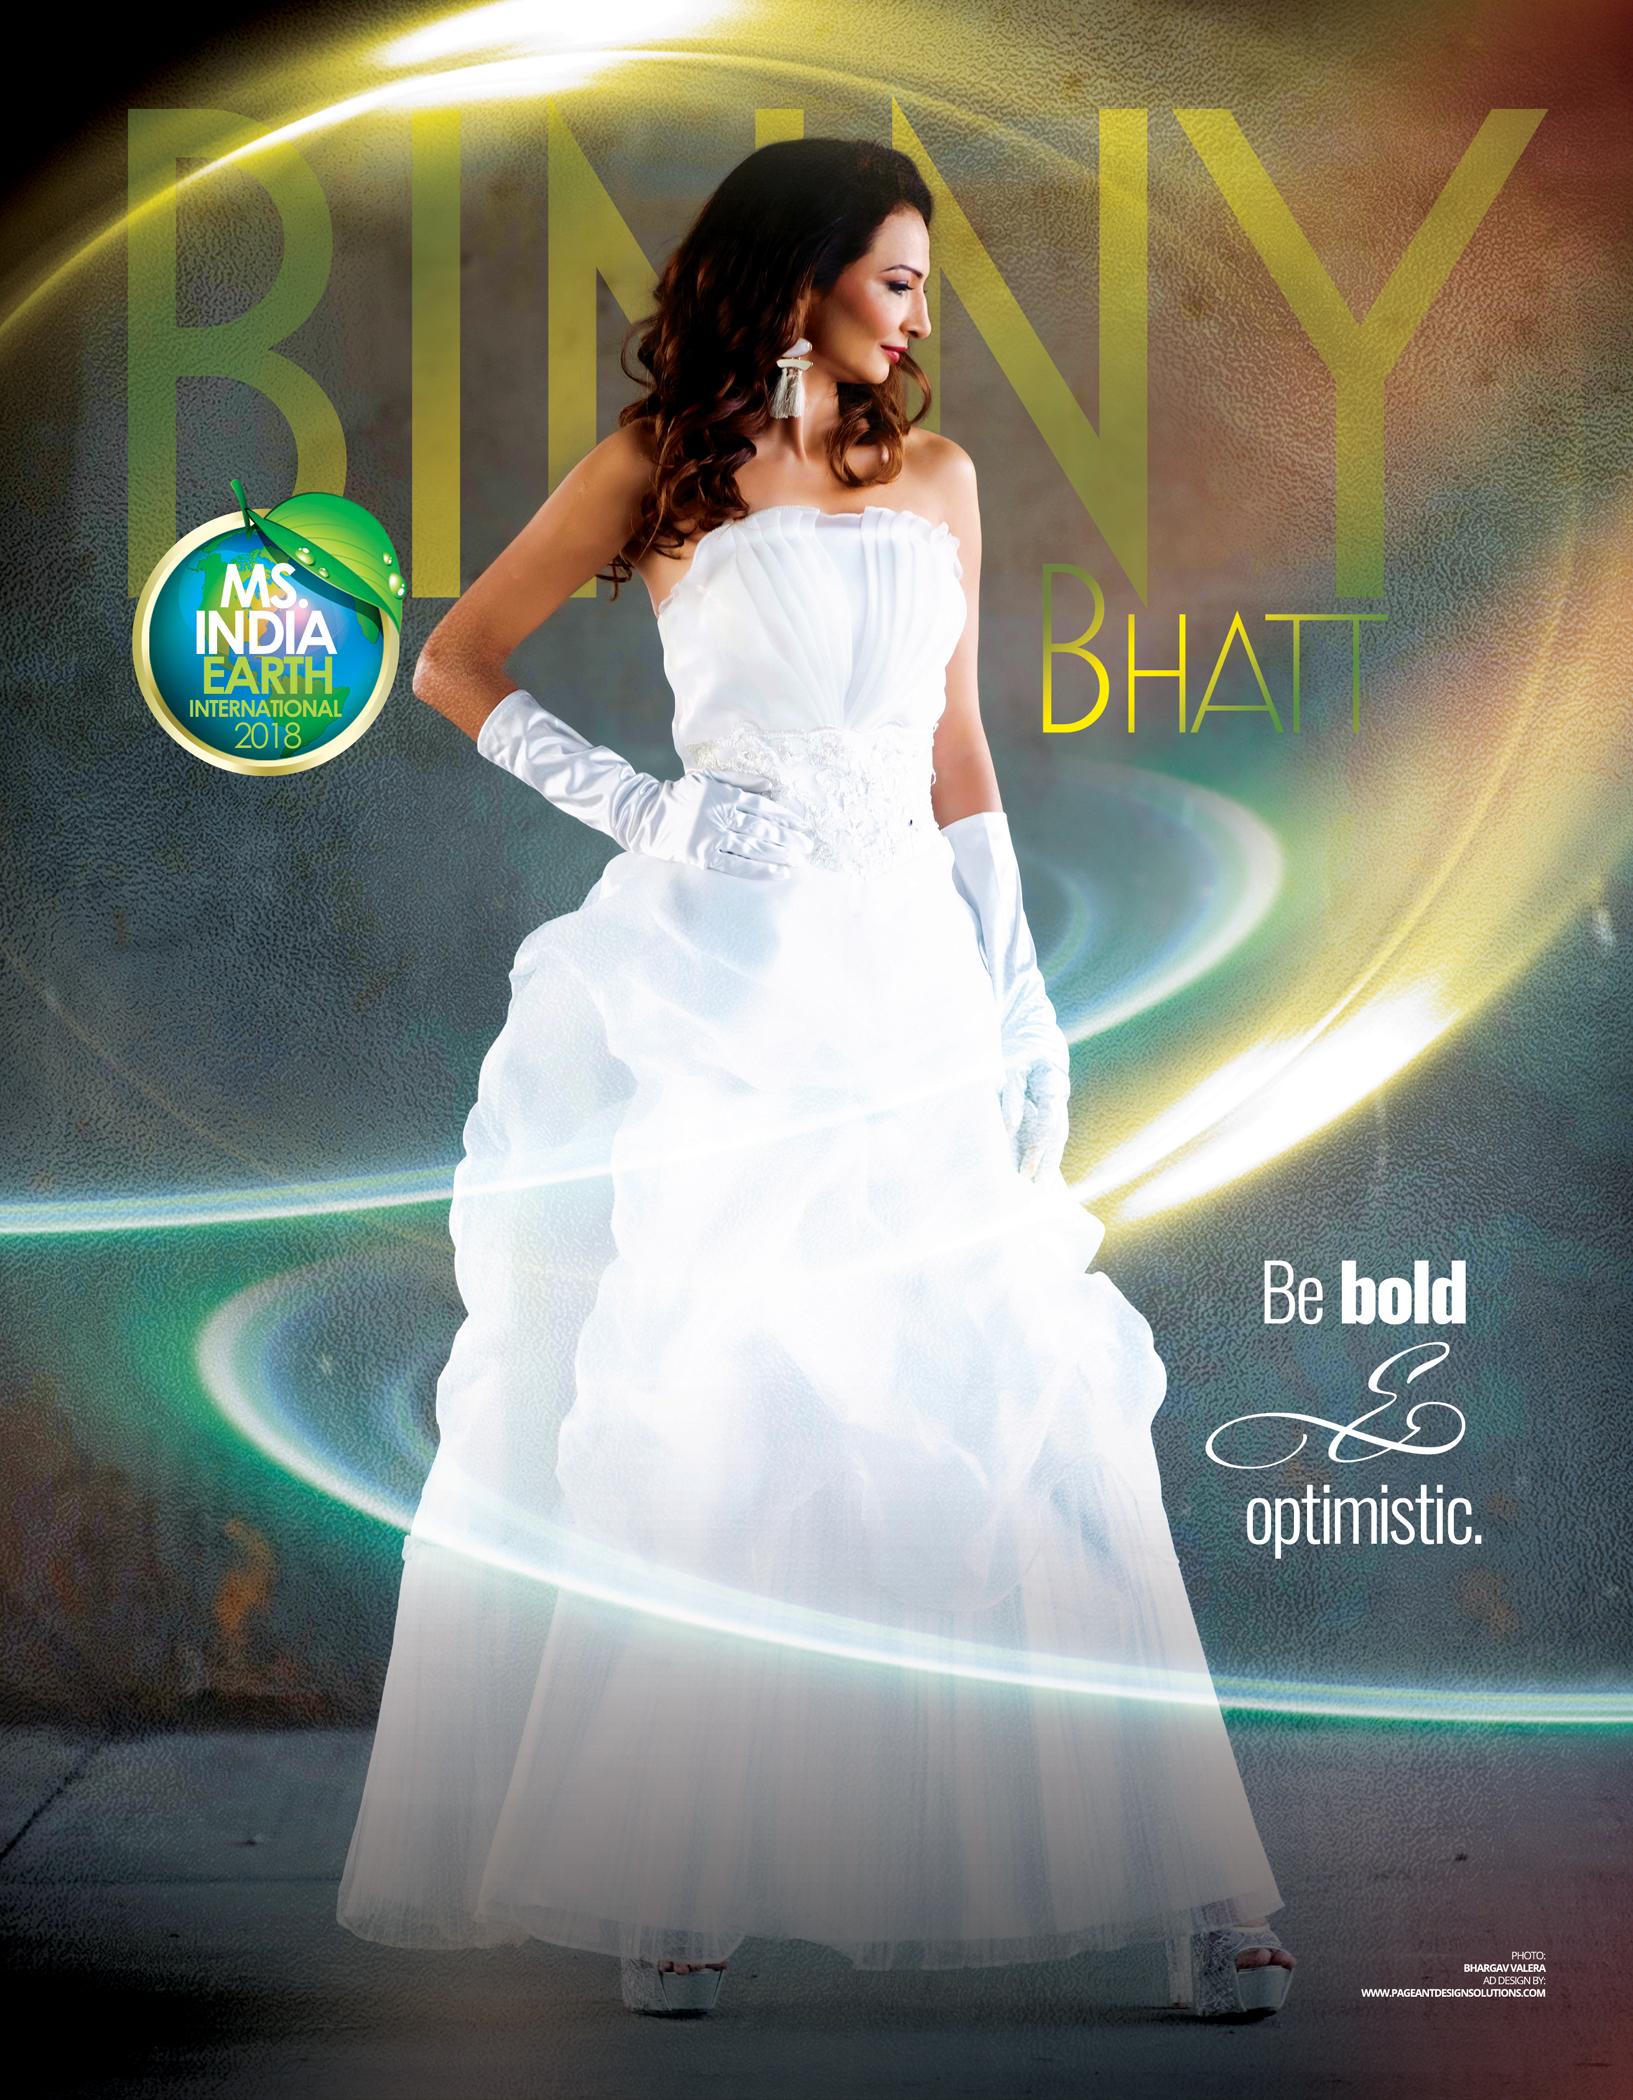 Bhatt, Binny AD